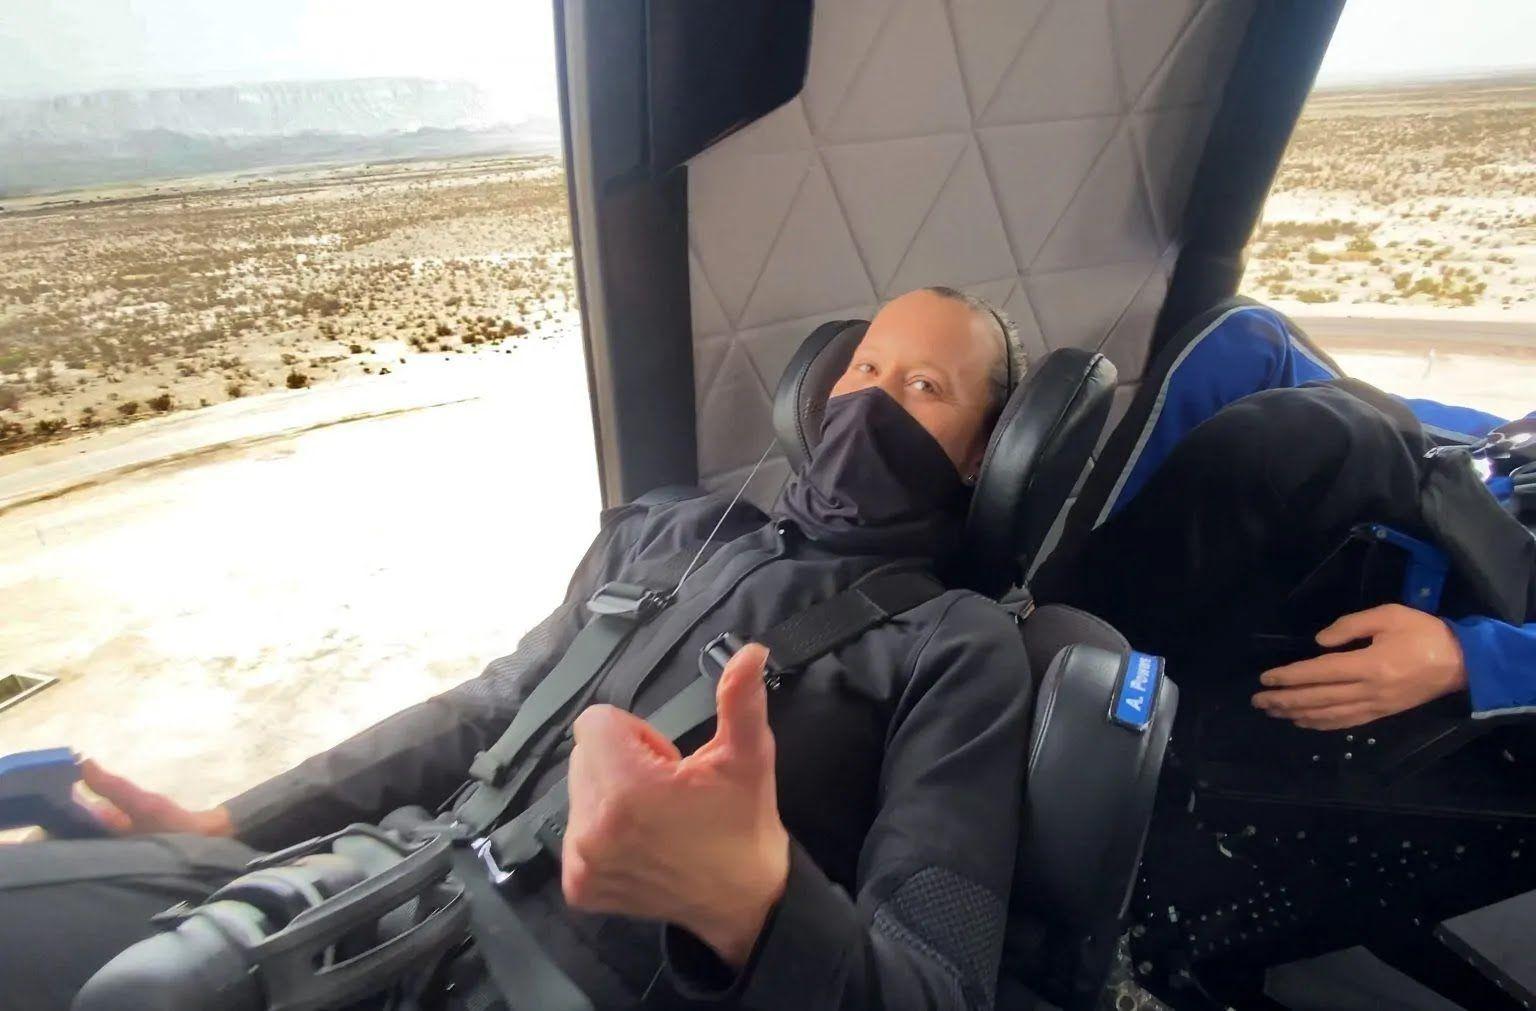 Співробітник Blue Origin у капсулі New Shepar